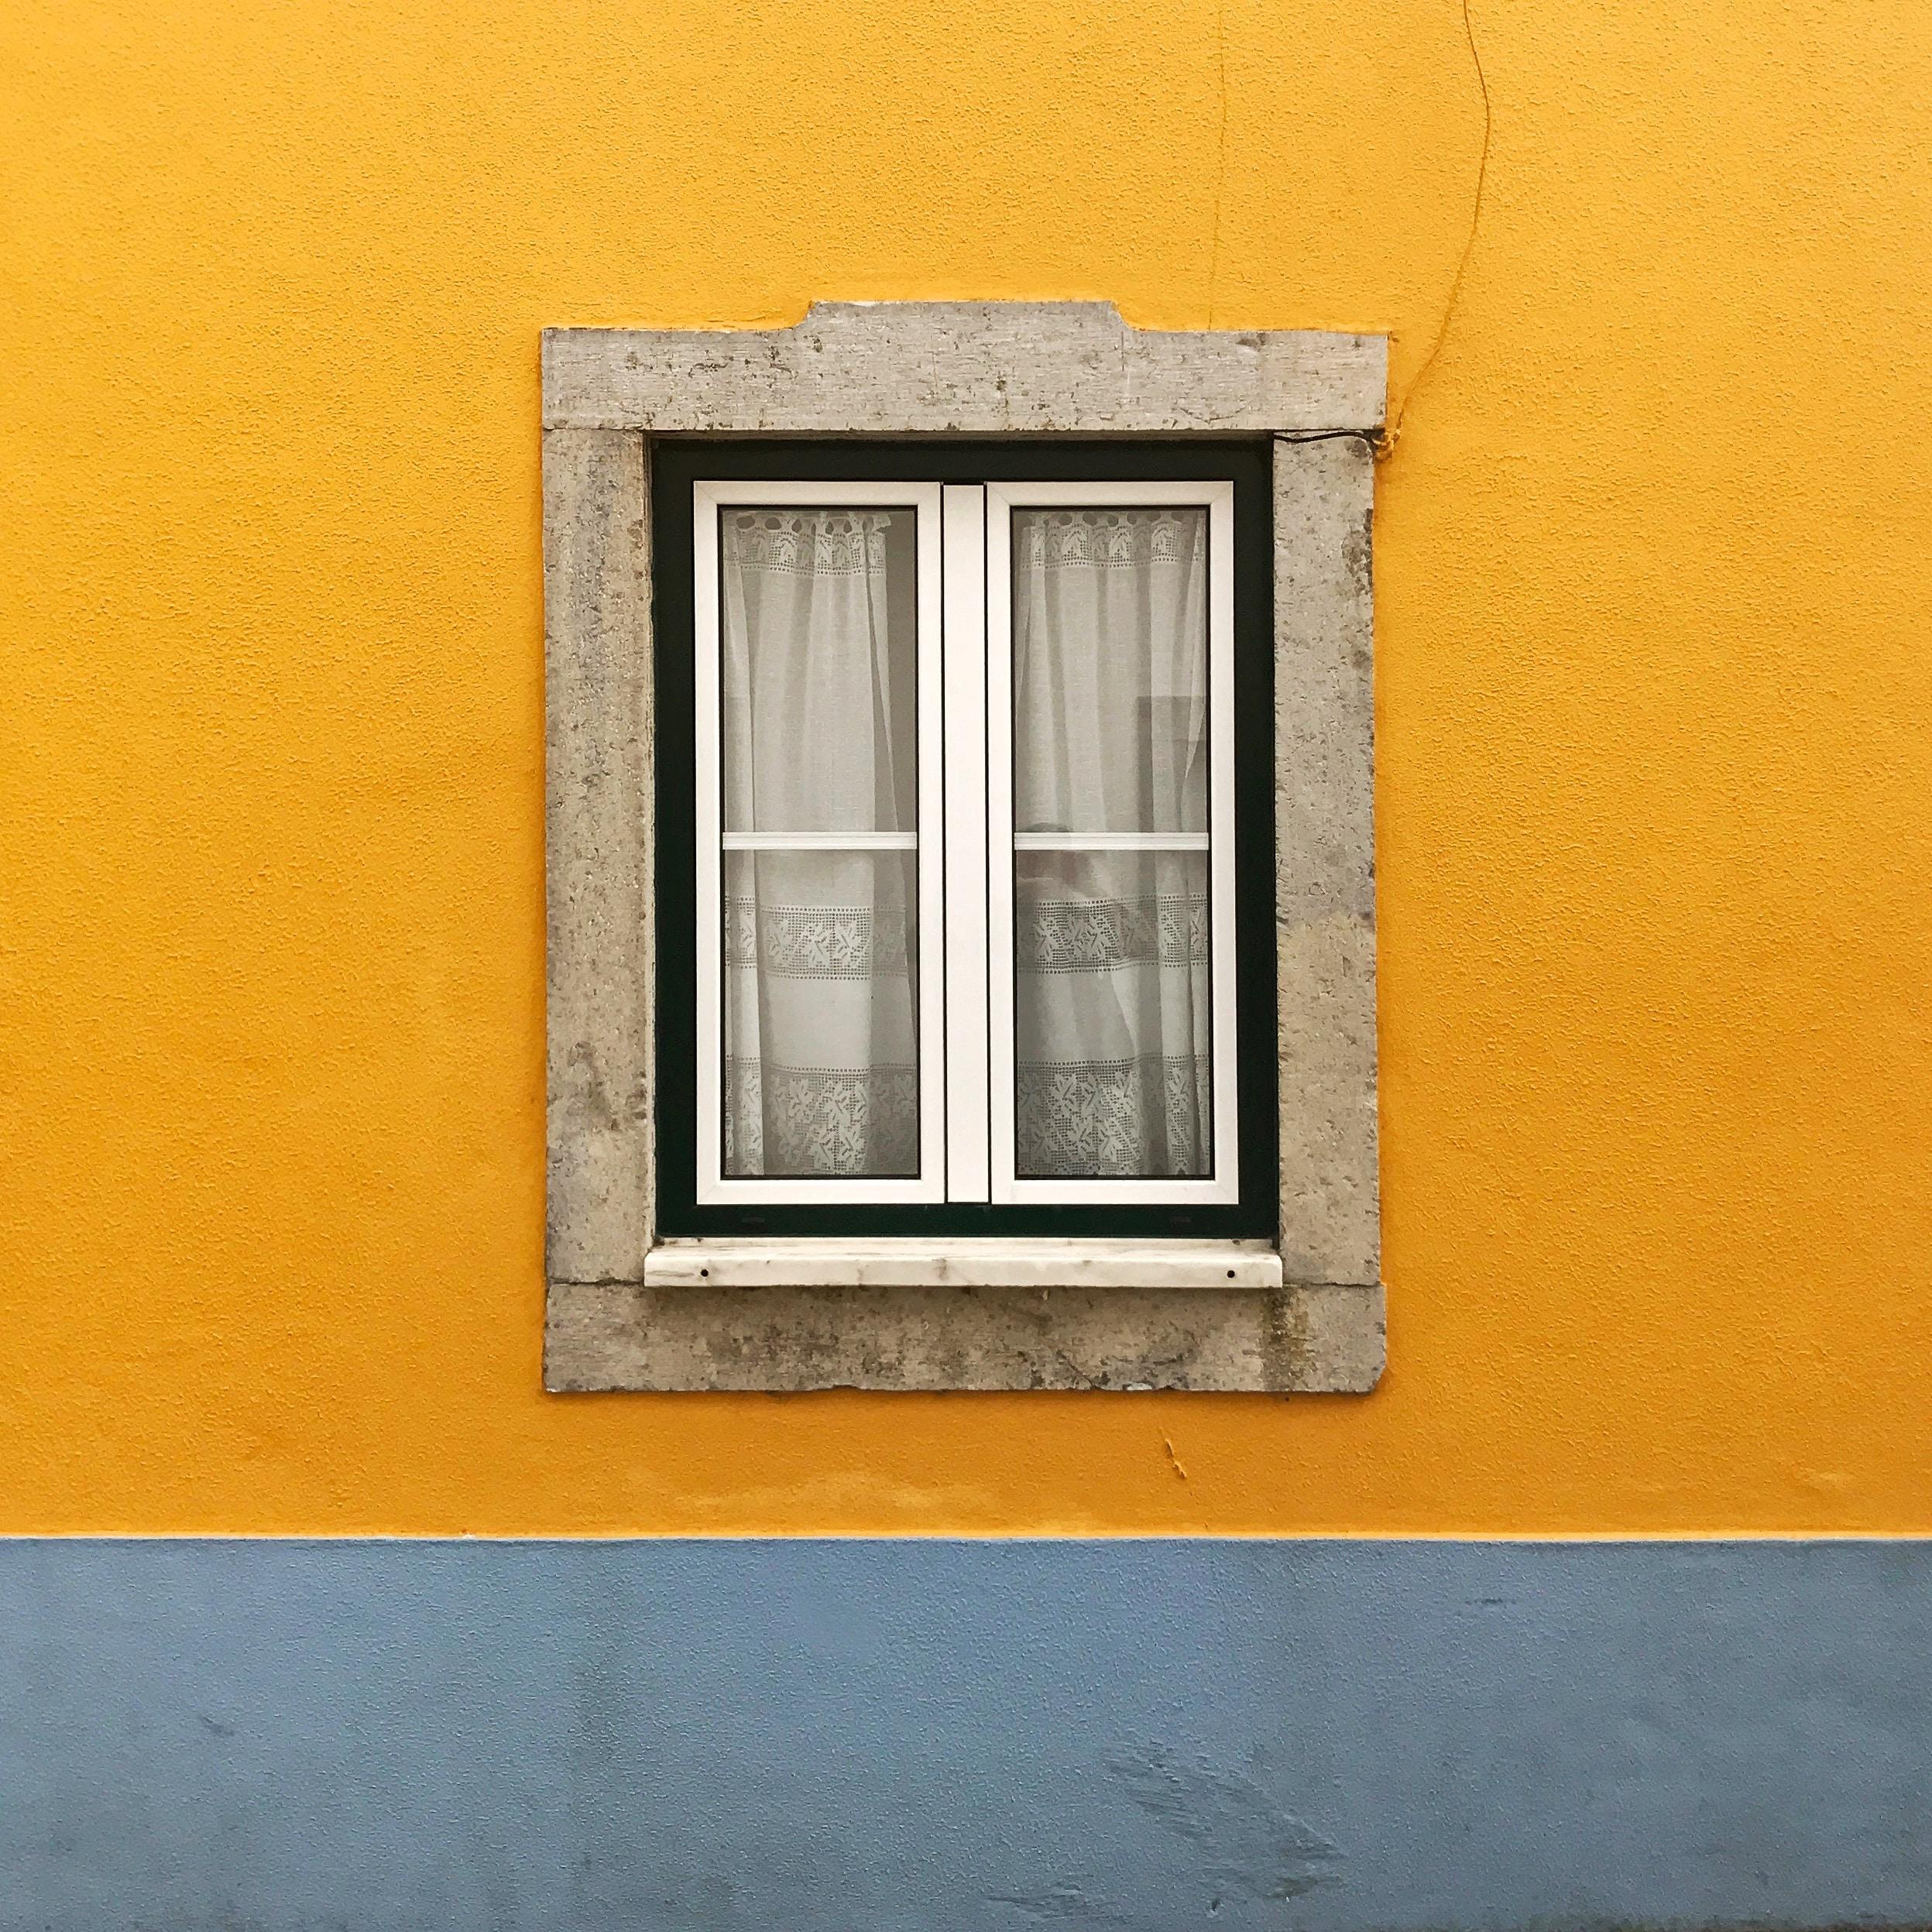 photo of white windowpane against yellow wall